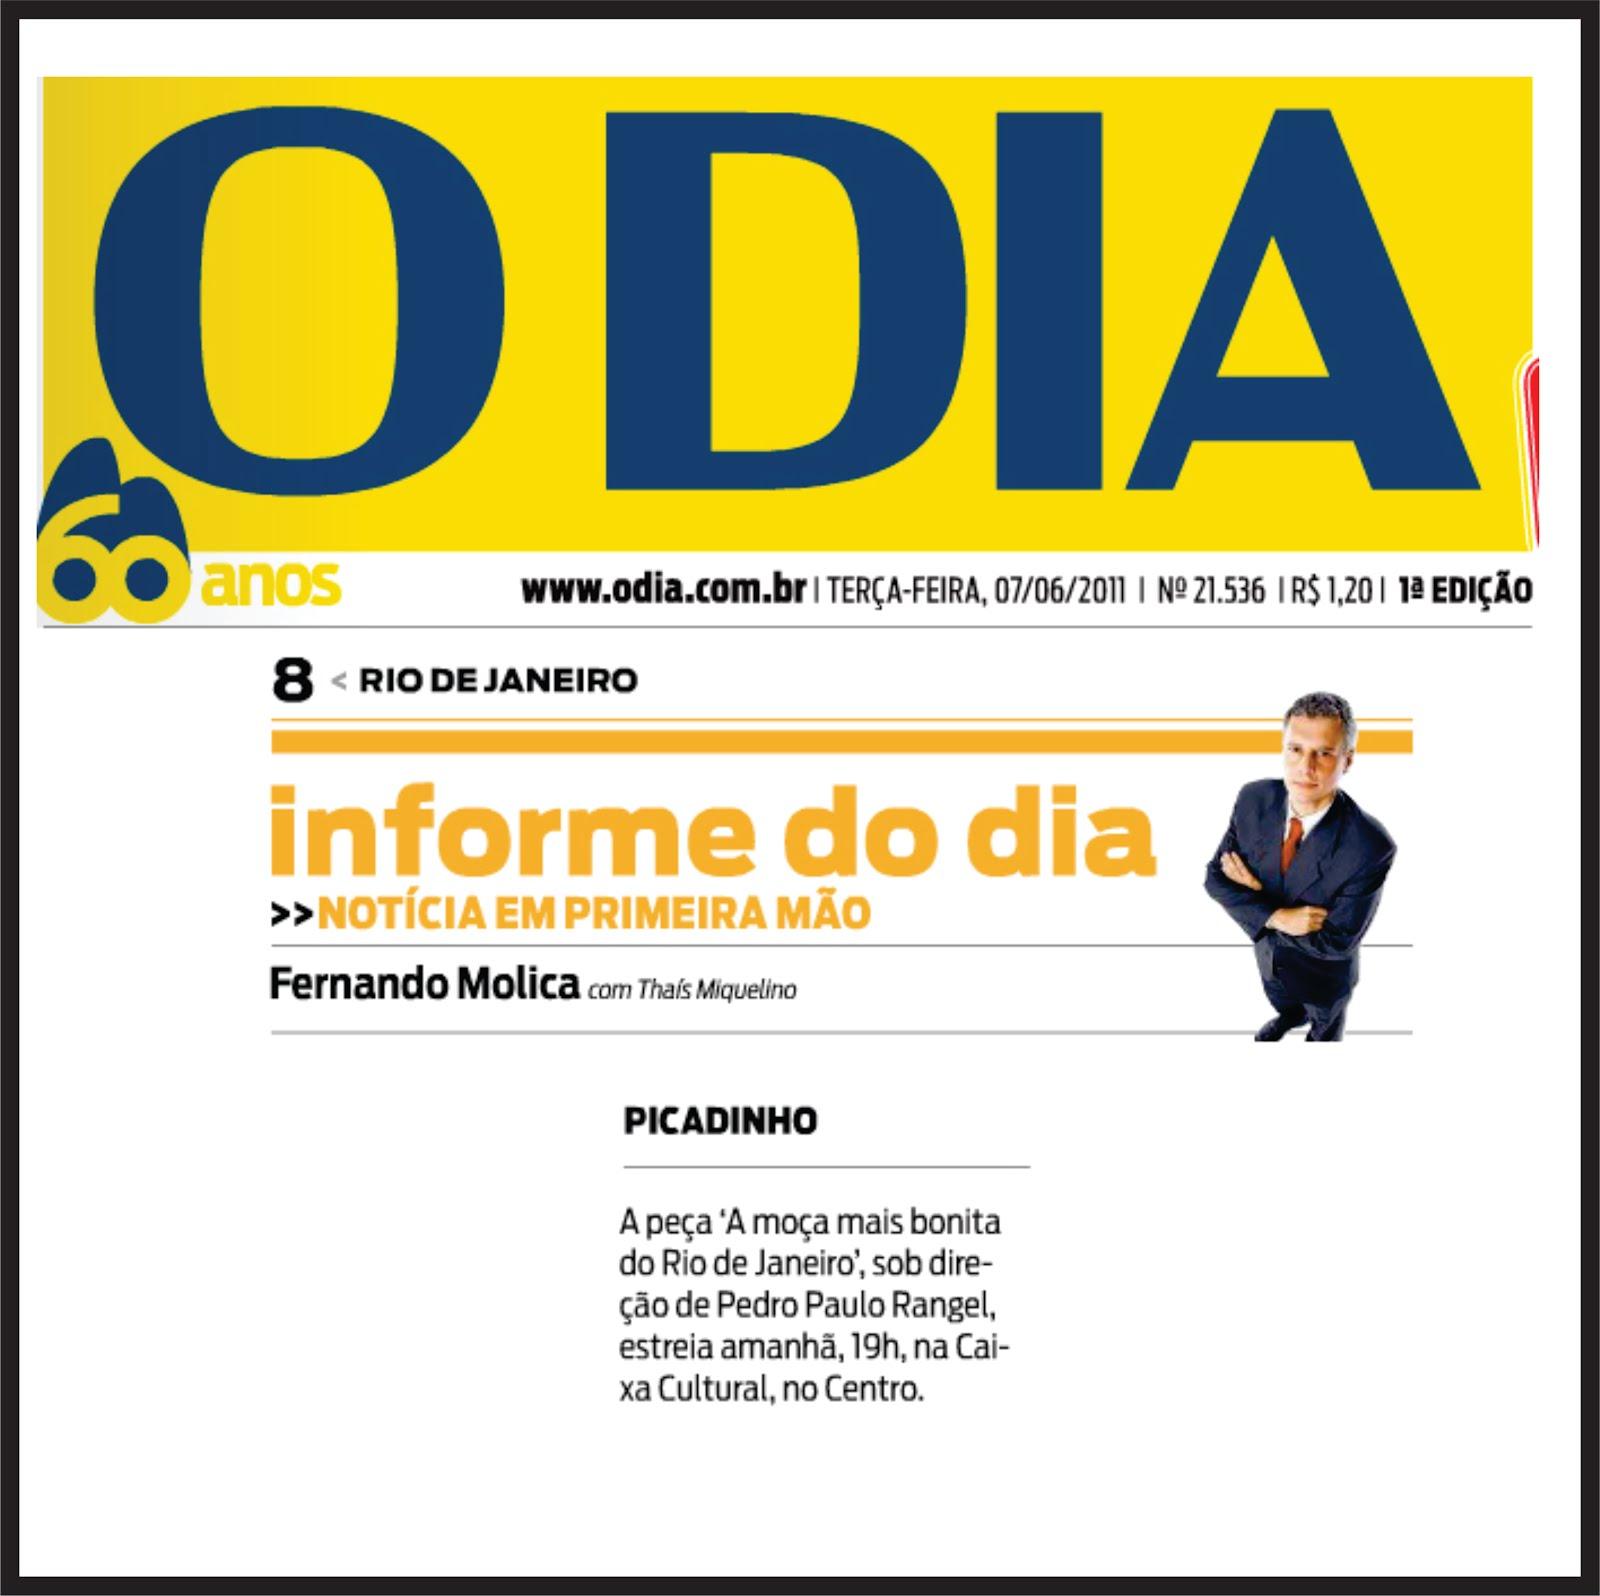 A MOÇA MAIS BONITA DO RIO DE JANEIRO